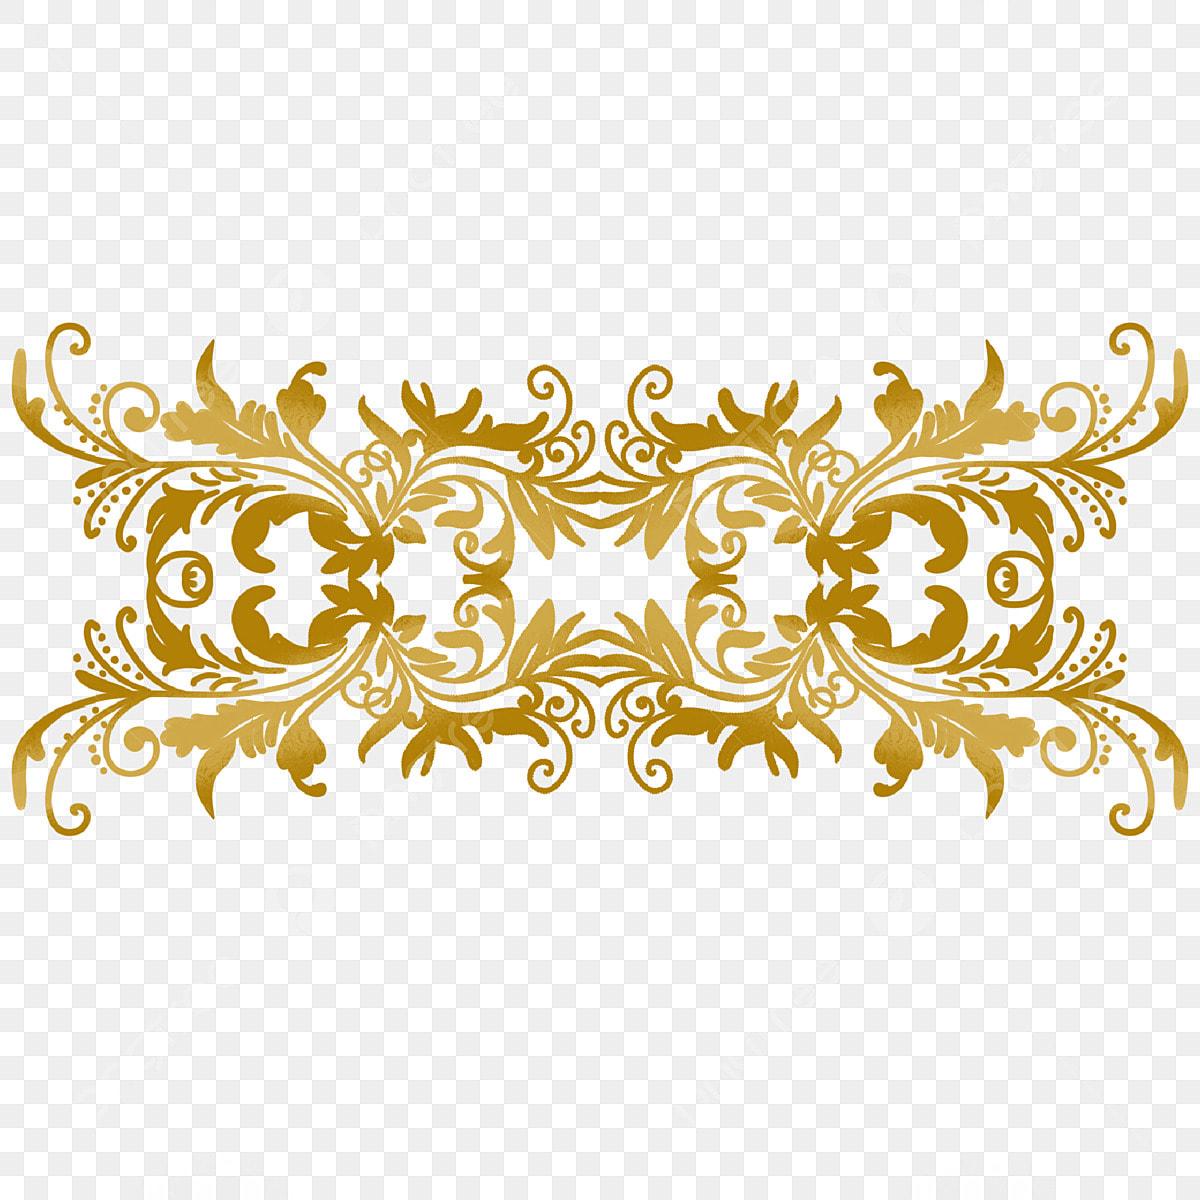 الذهب ثلاثي الأبعاد خلاقة الزخرفة ثلاثي الأبعاد الزخرفة الذهبية Png وملف Psd للتحميل مجانا